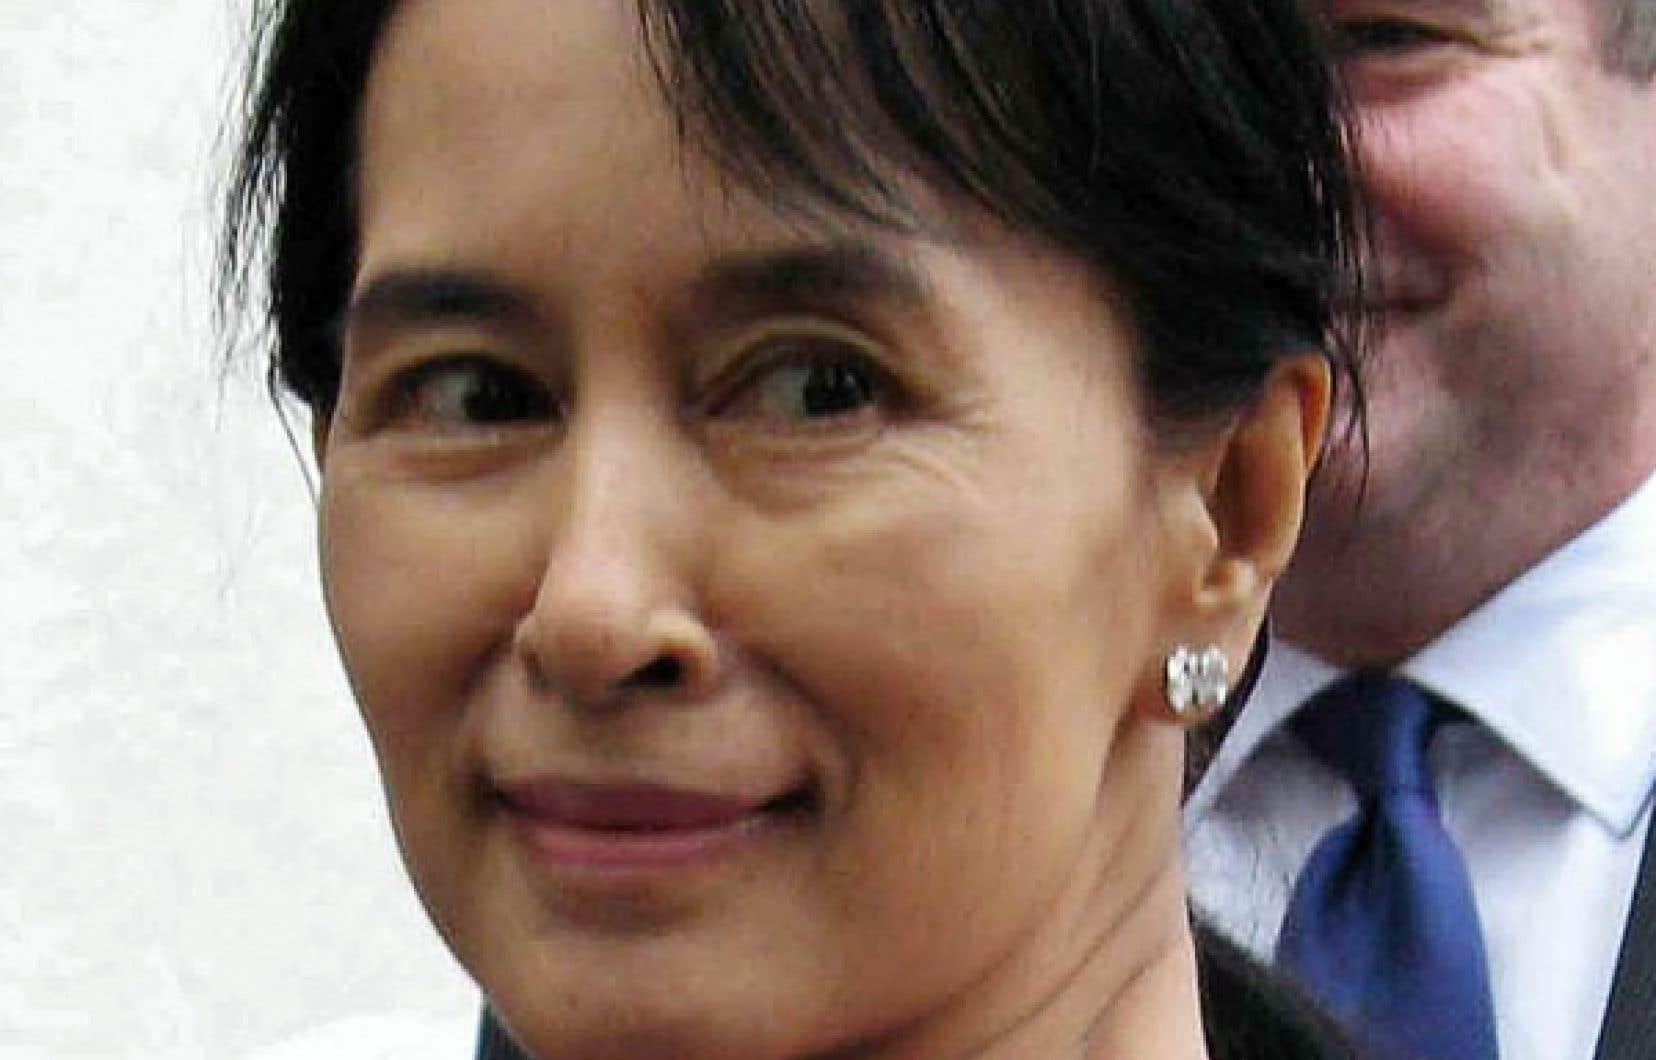 Aung San Suu Kyi est la plus jeune des onze membres du Comité exécutif de la Ligue nationale pour la démocratie, dont neuf sont octogénaires ou nonagénaires.